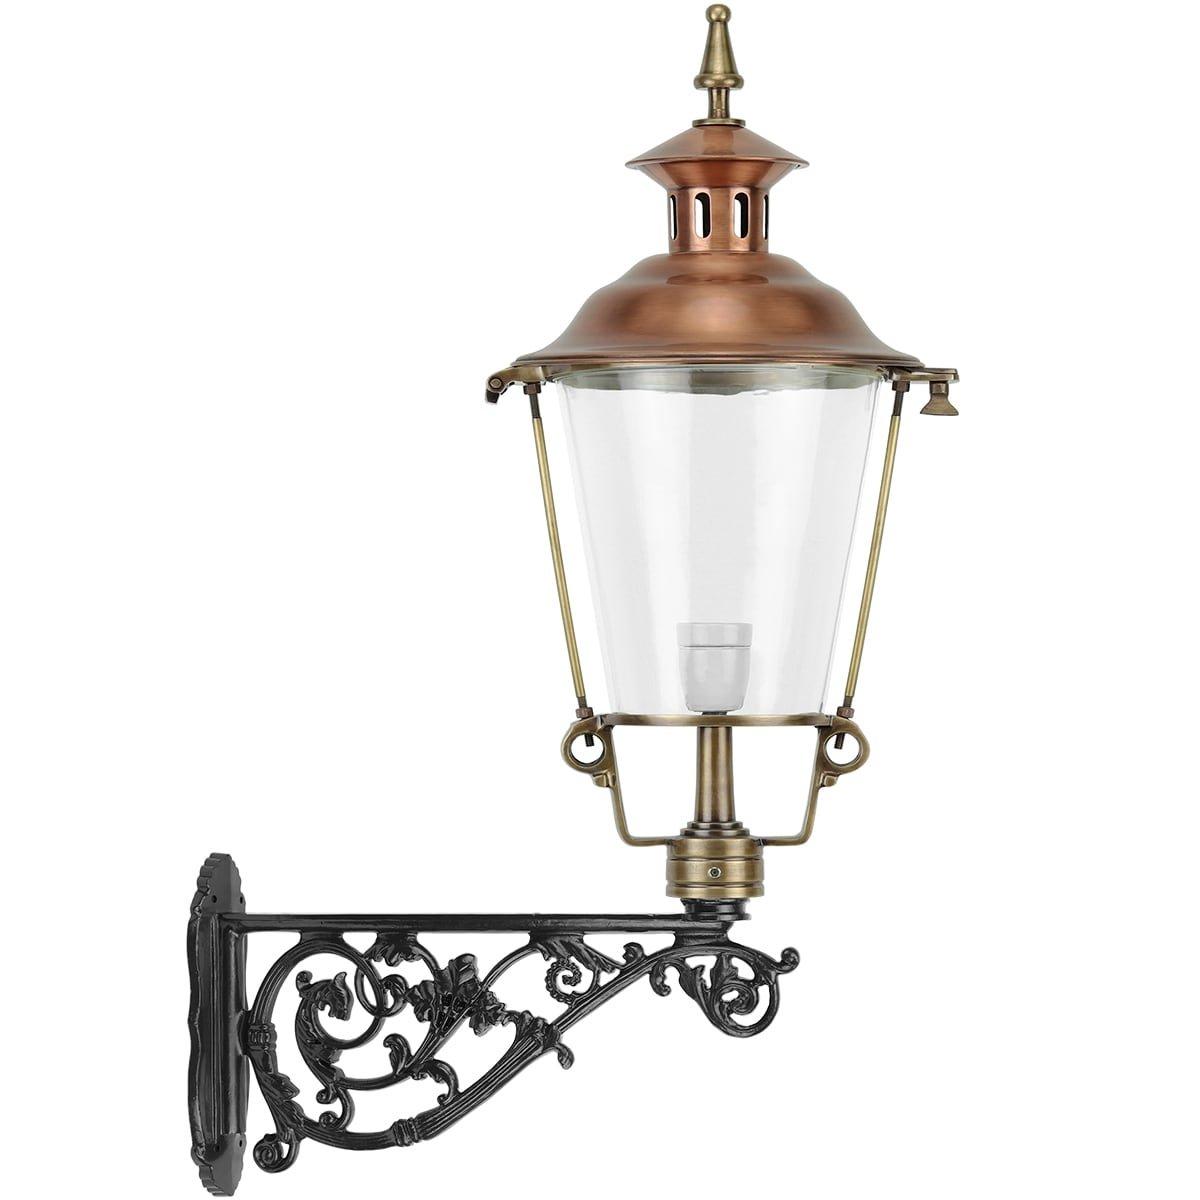 Outdoor Lighting Classic Rural Crow lantern wall Ezumazijl bronze - 149 cm